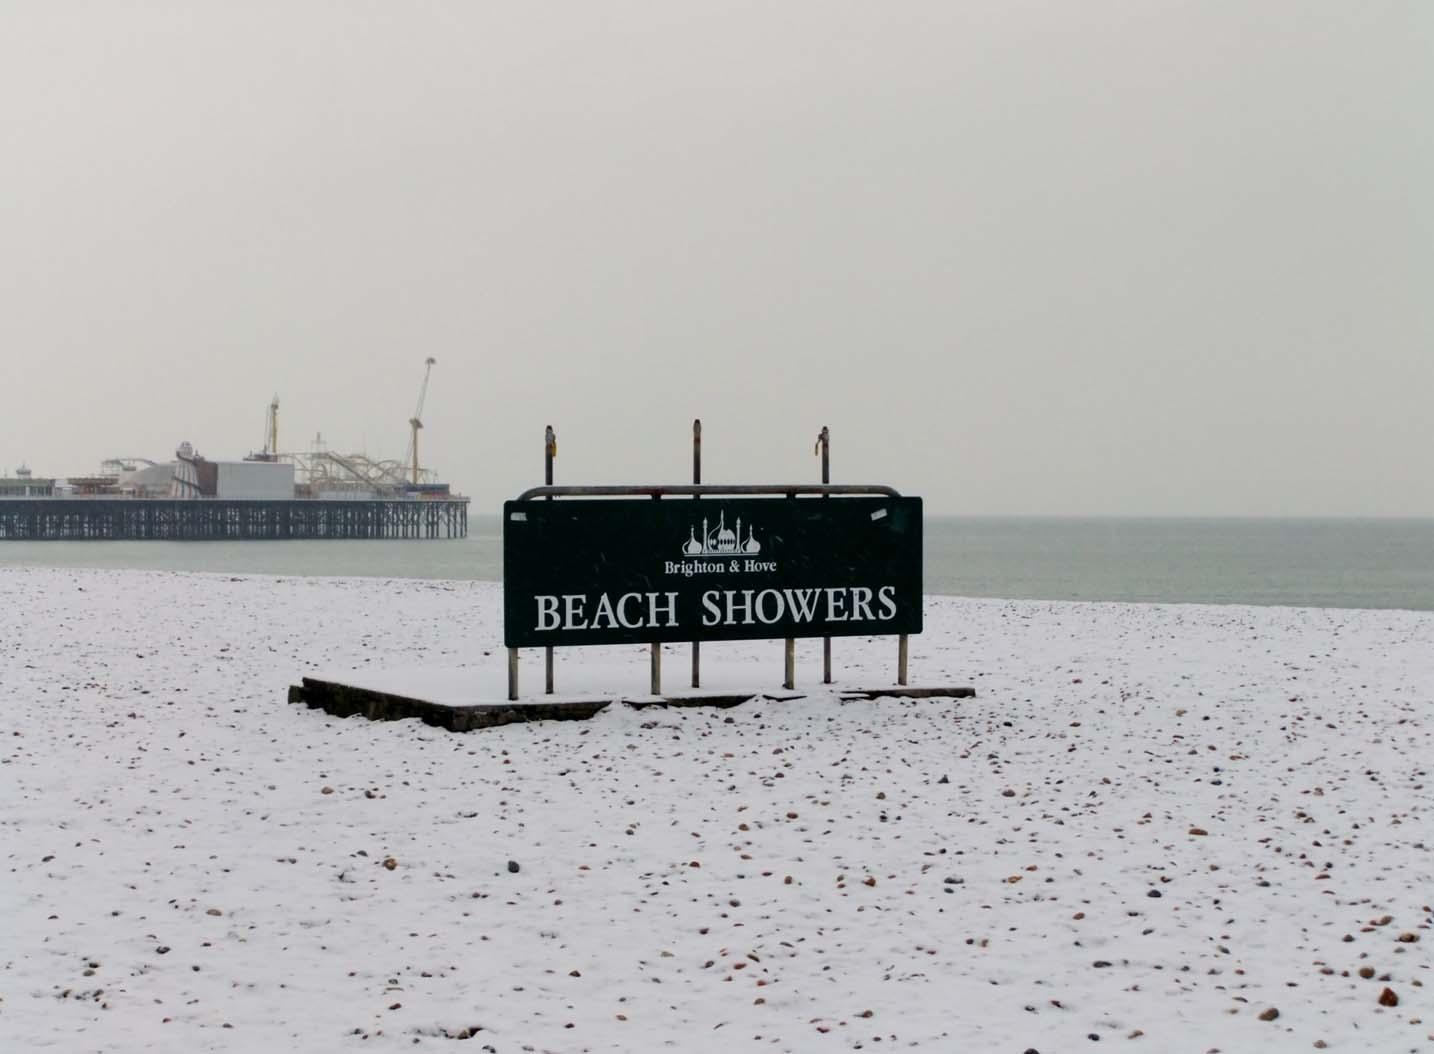 Brighton beach showers